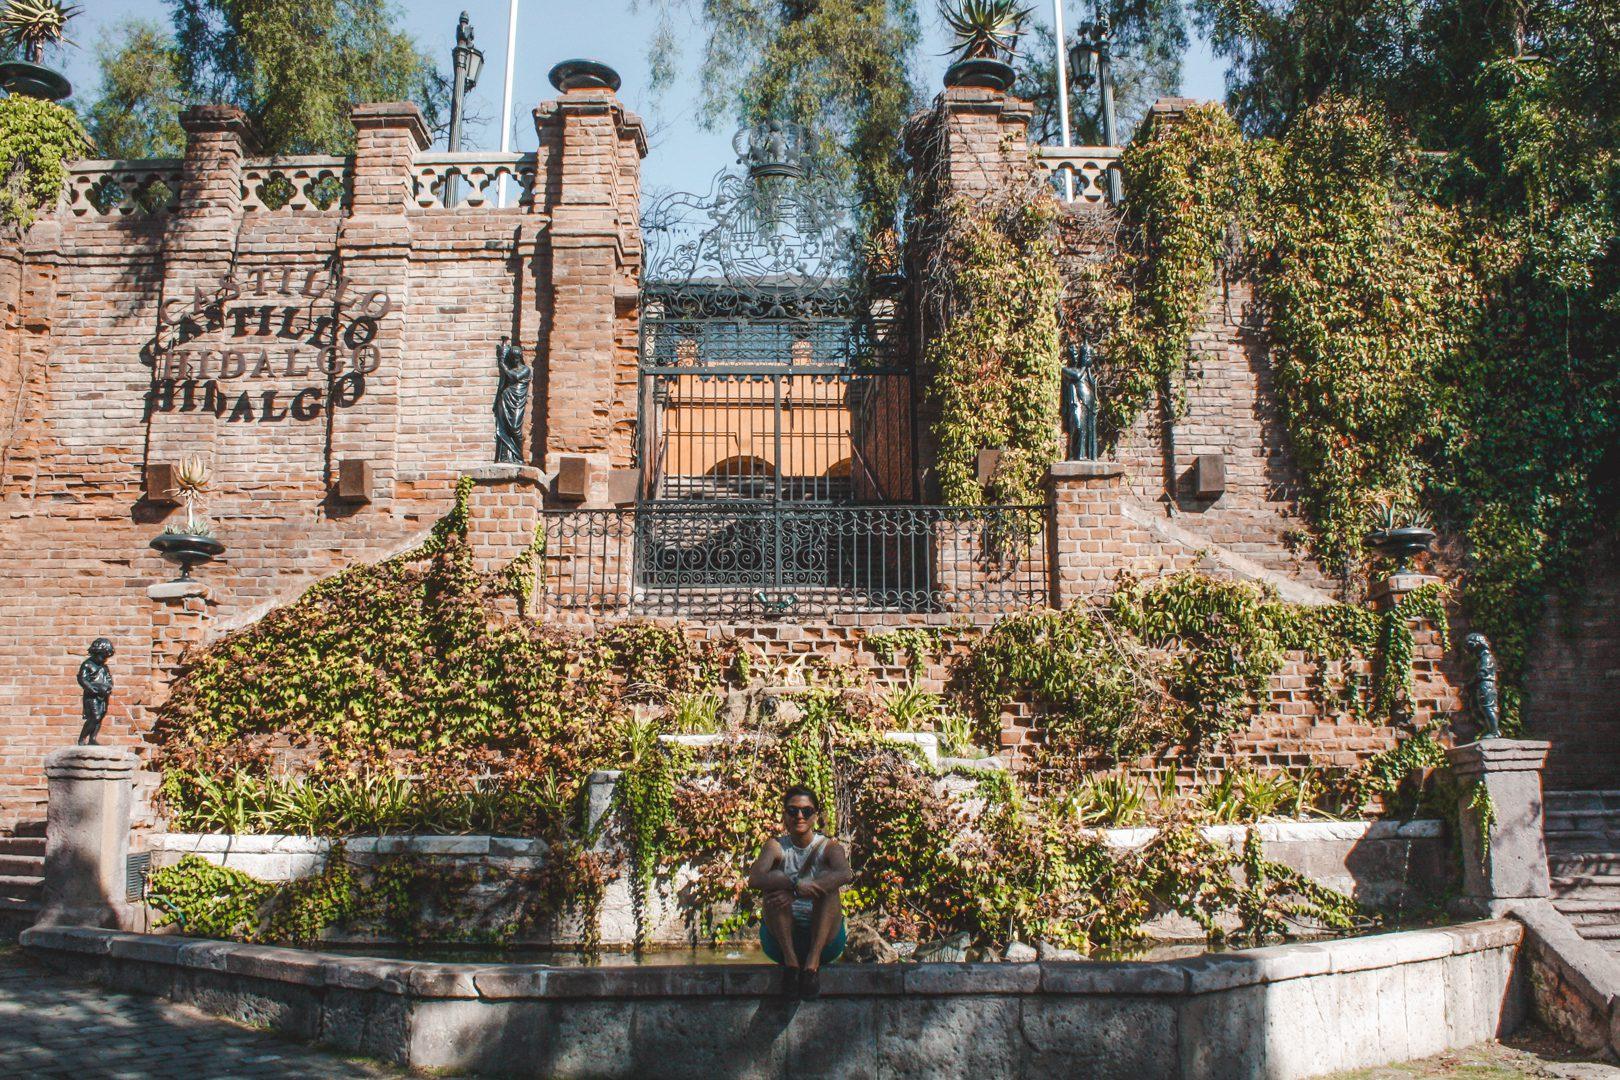 Castillo Hidalgo in Santa Lucia Hill, Santiago Chile